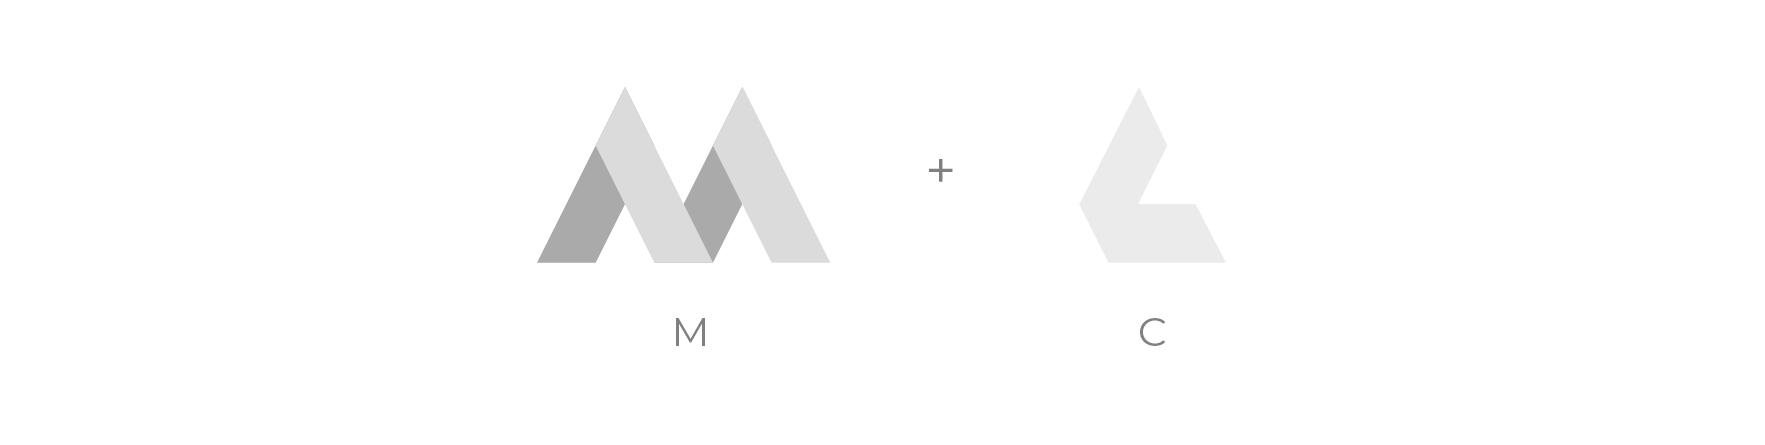 lettering emmeci